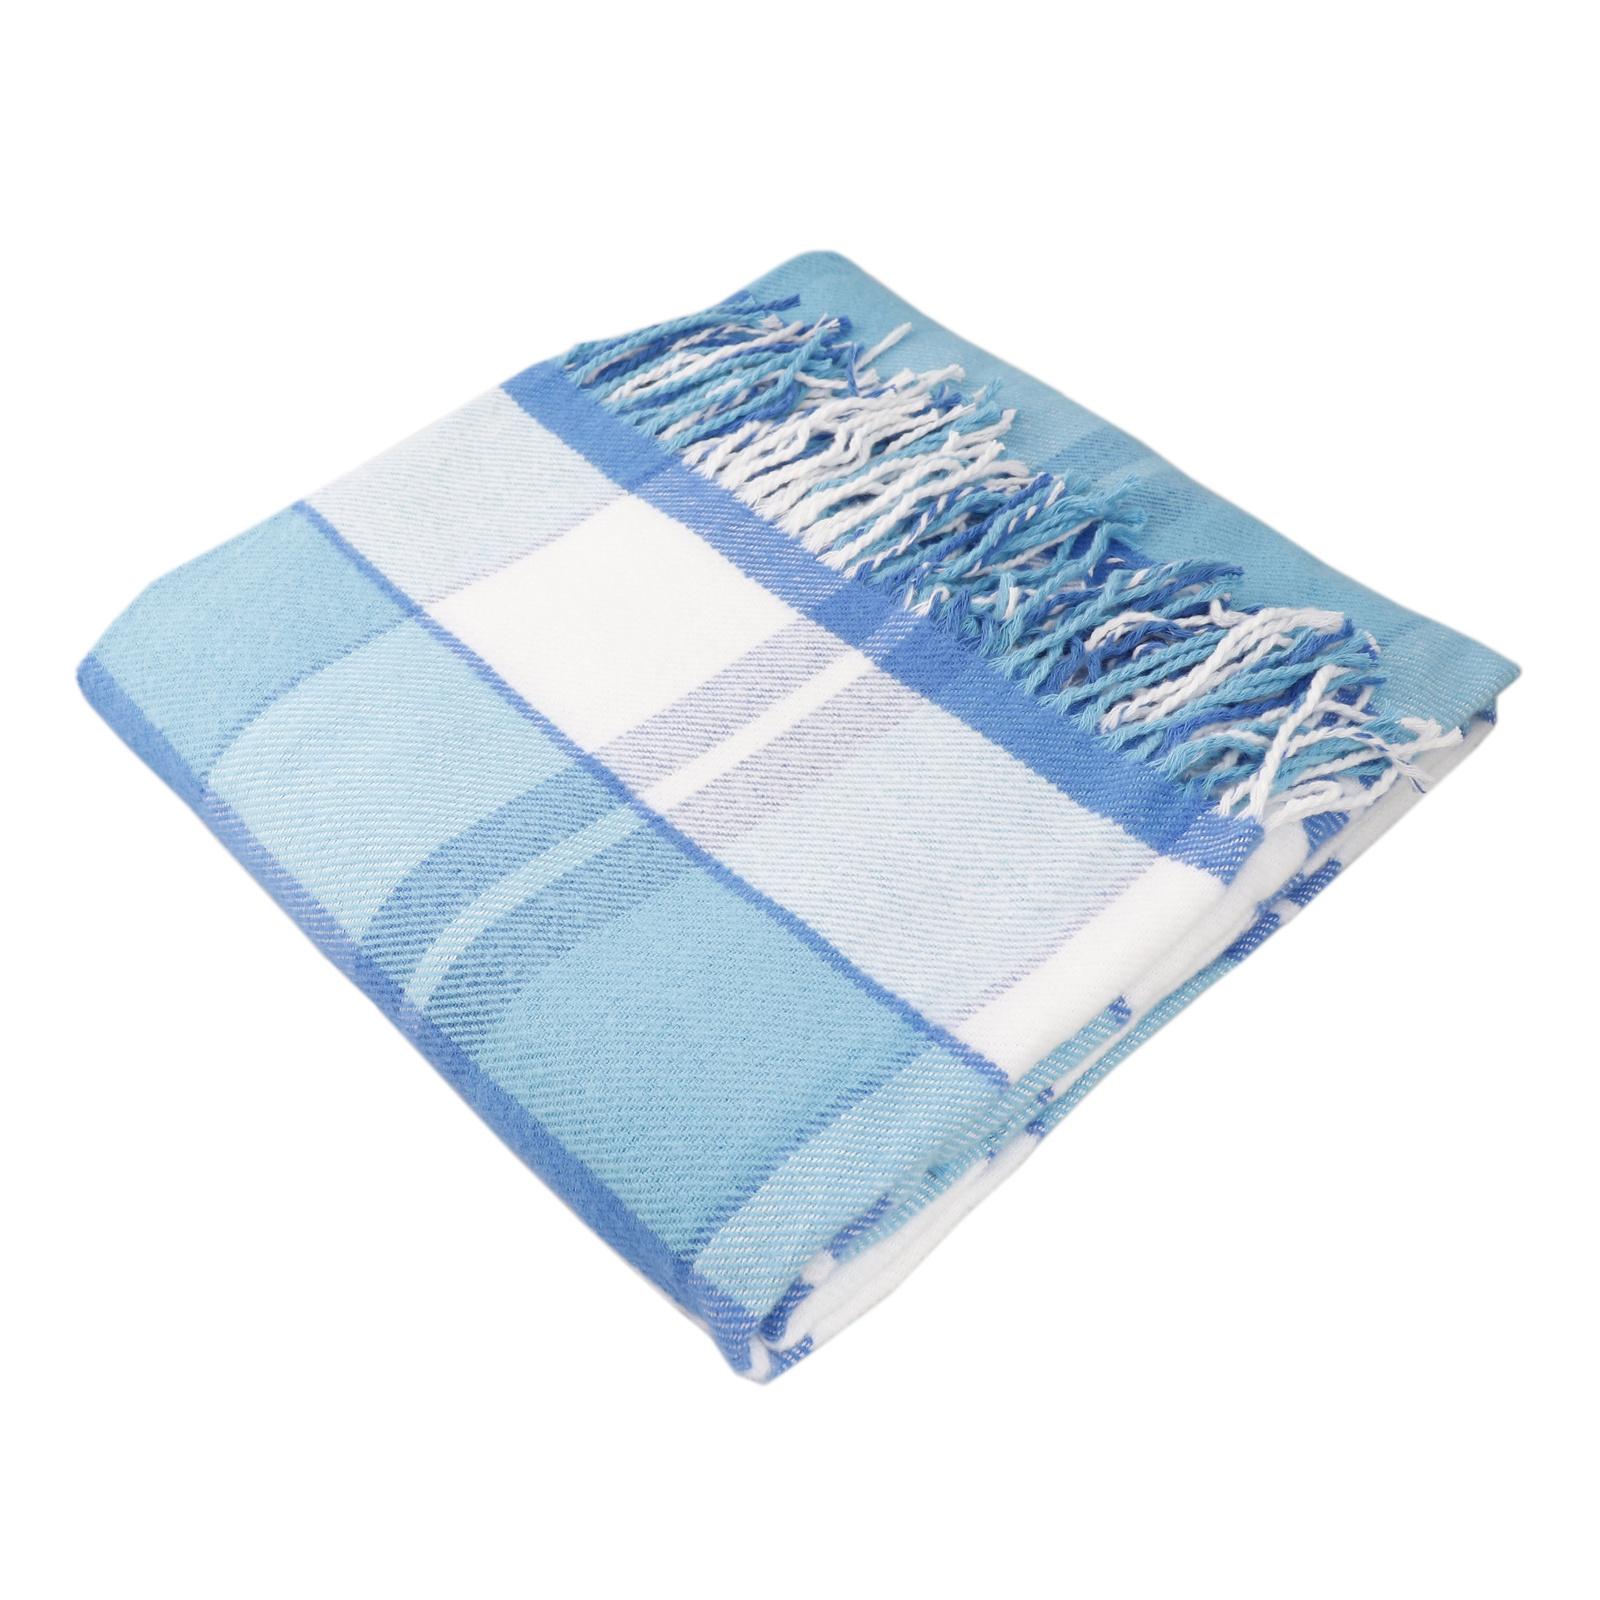 Плед ARLONI хлопковый в клеткуЭдинбург голубой 140*200 авиабилеты москва эдинбург